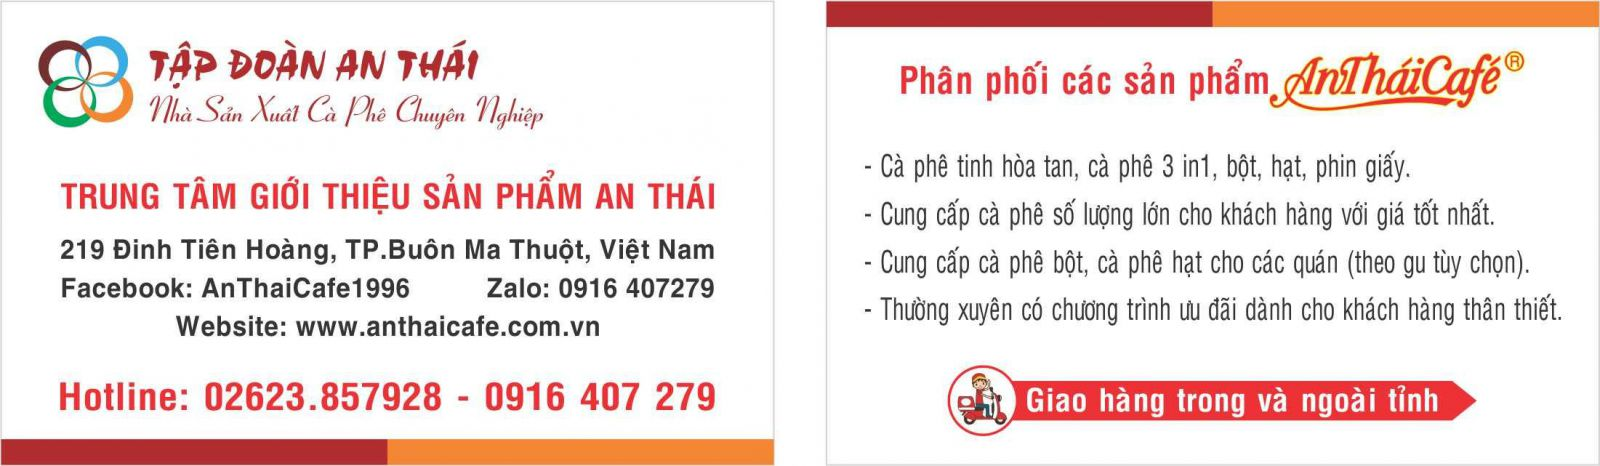 Thông tin trung tâm GTSP An Thái